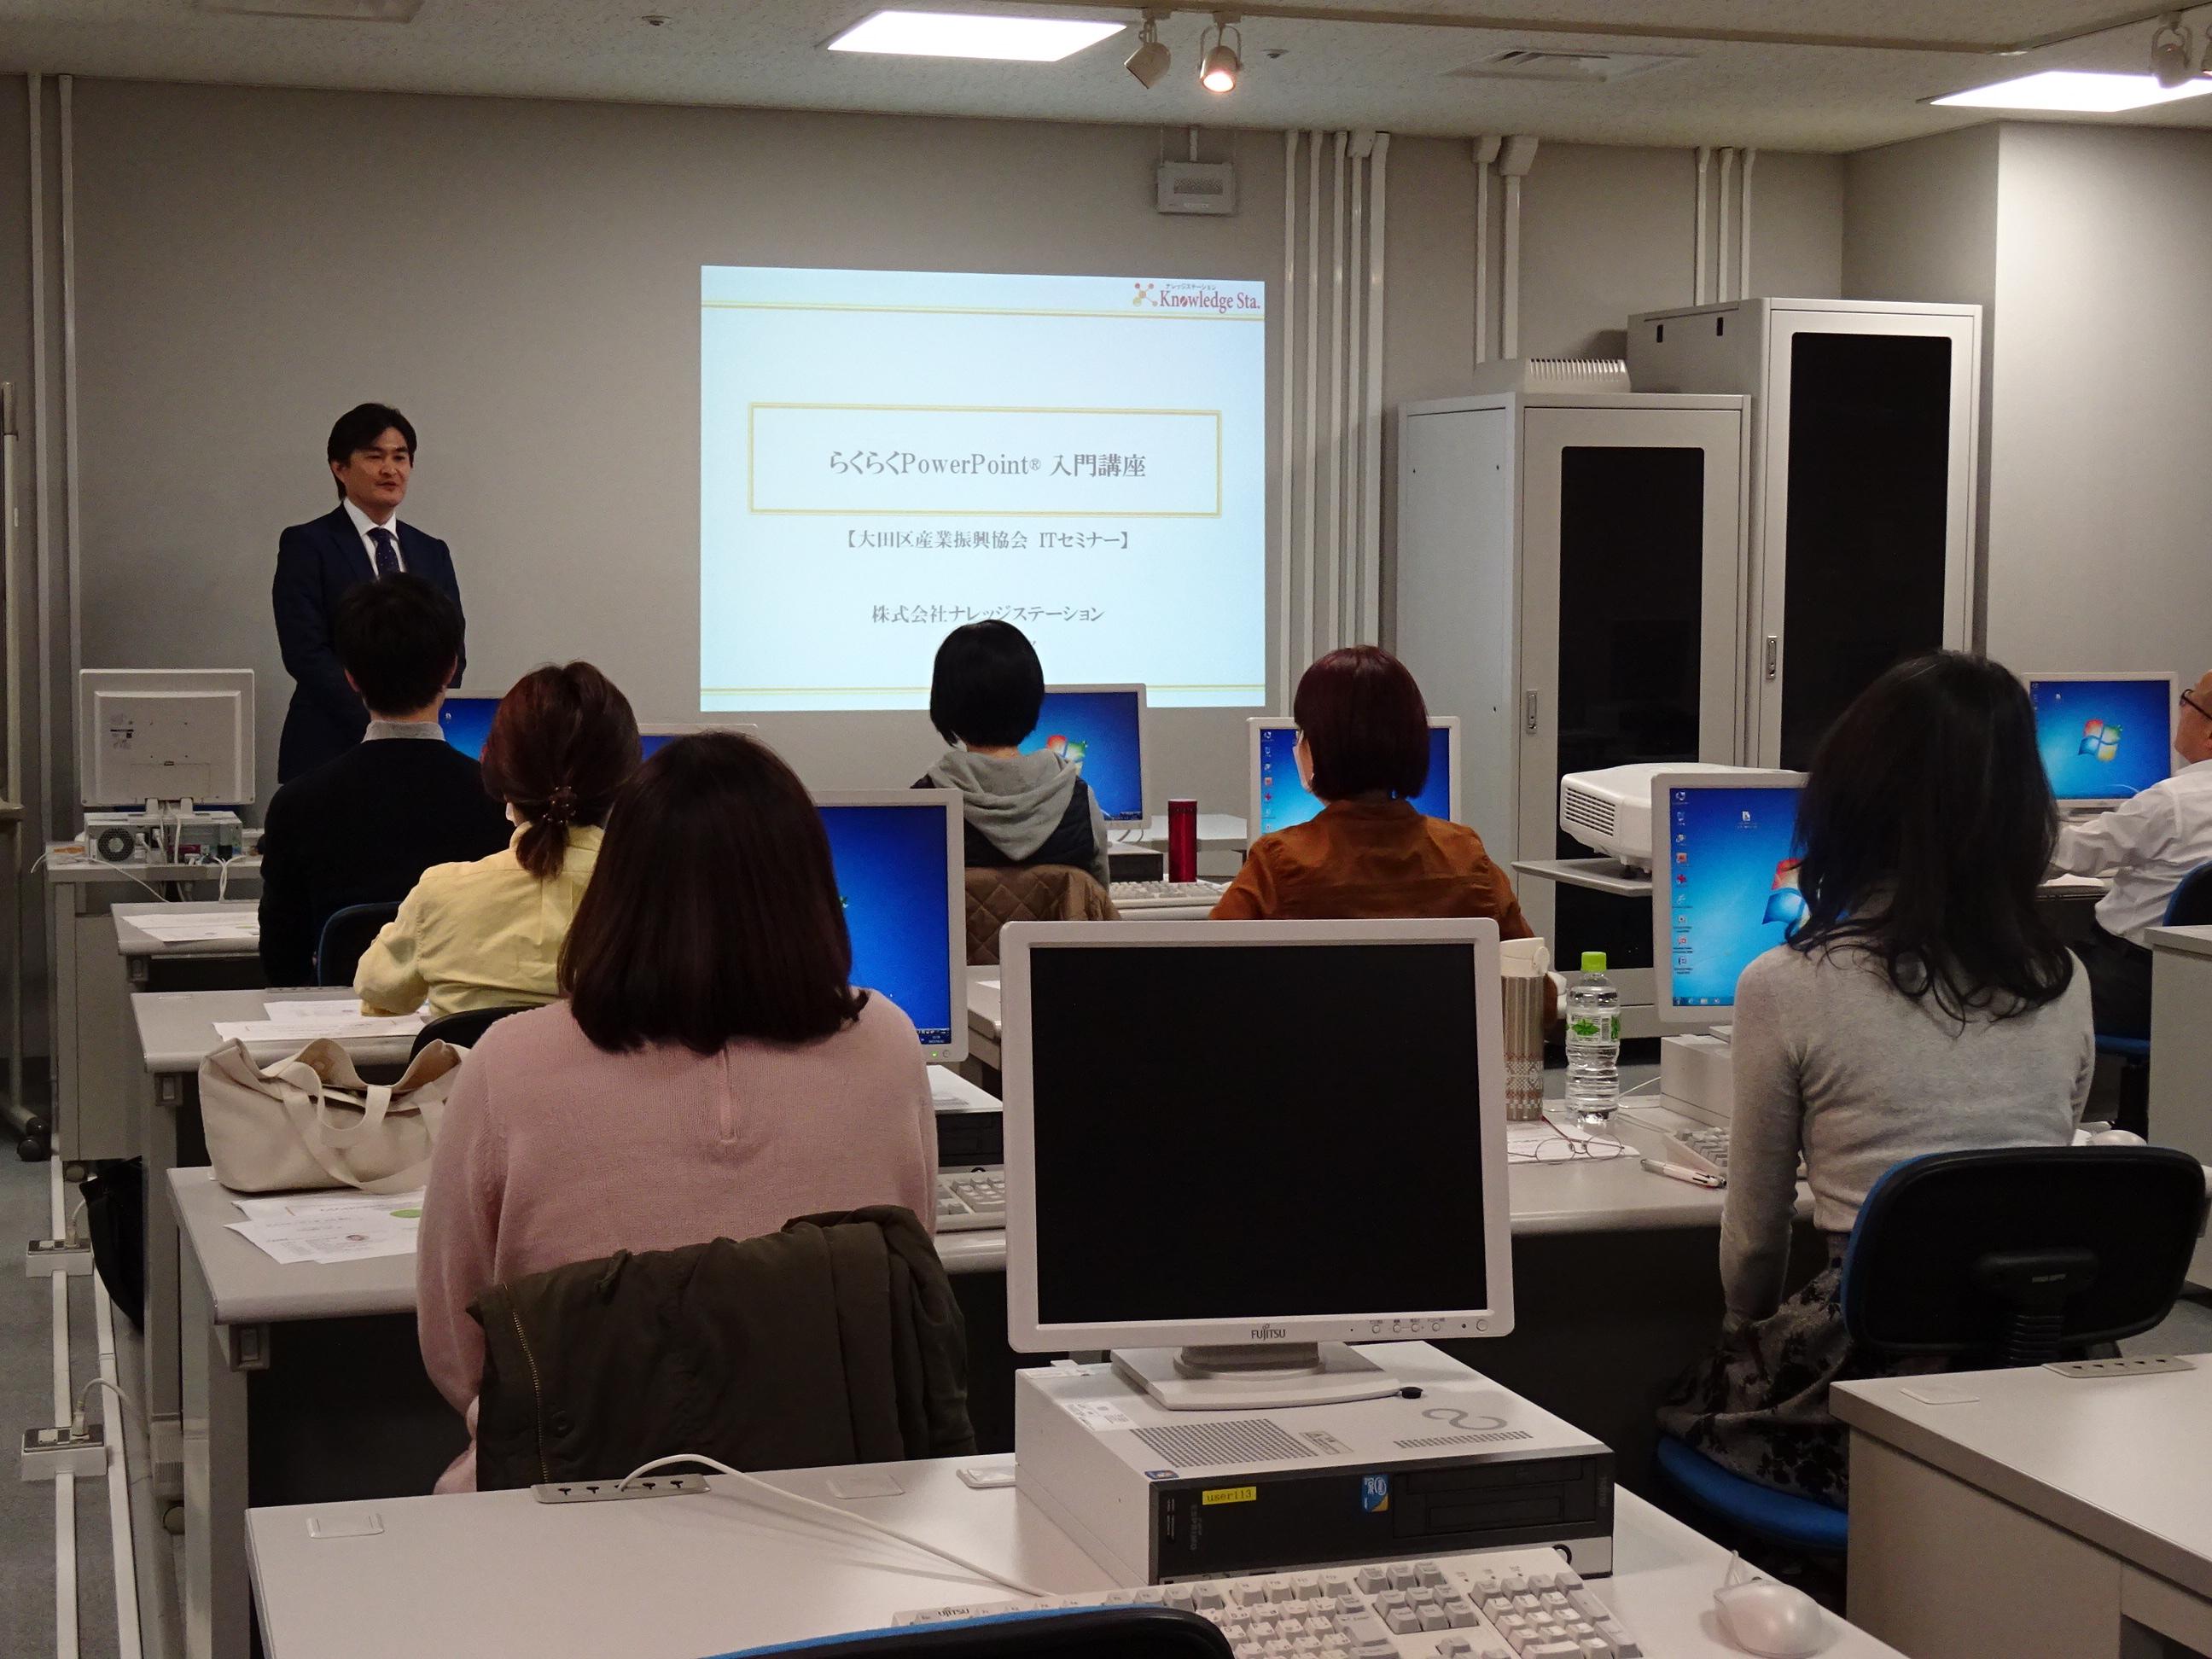 【大田区】PowerPointスキルアップセミナー画像01